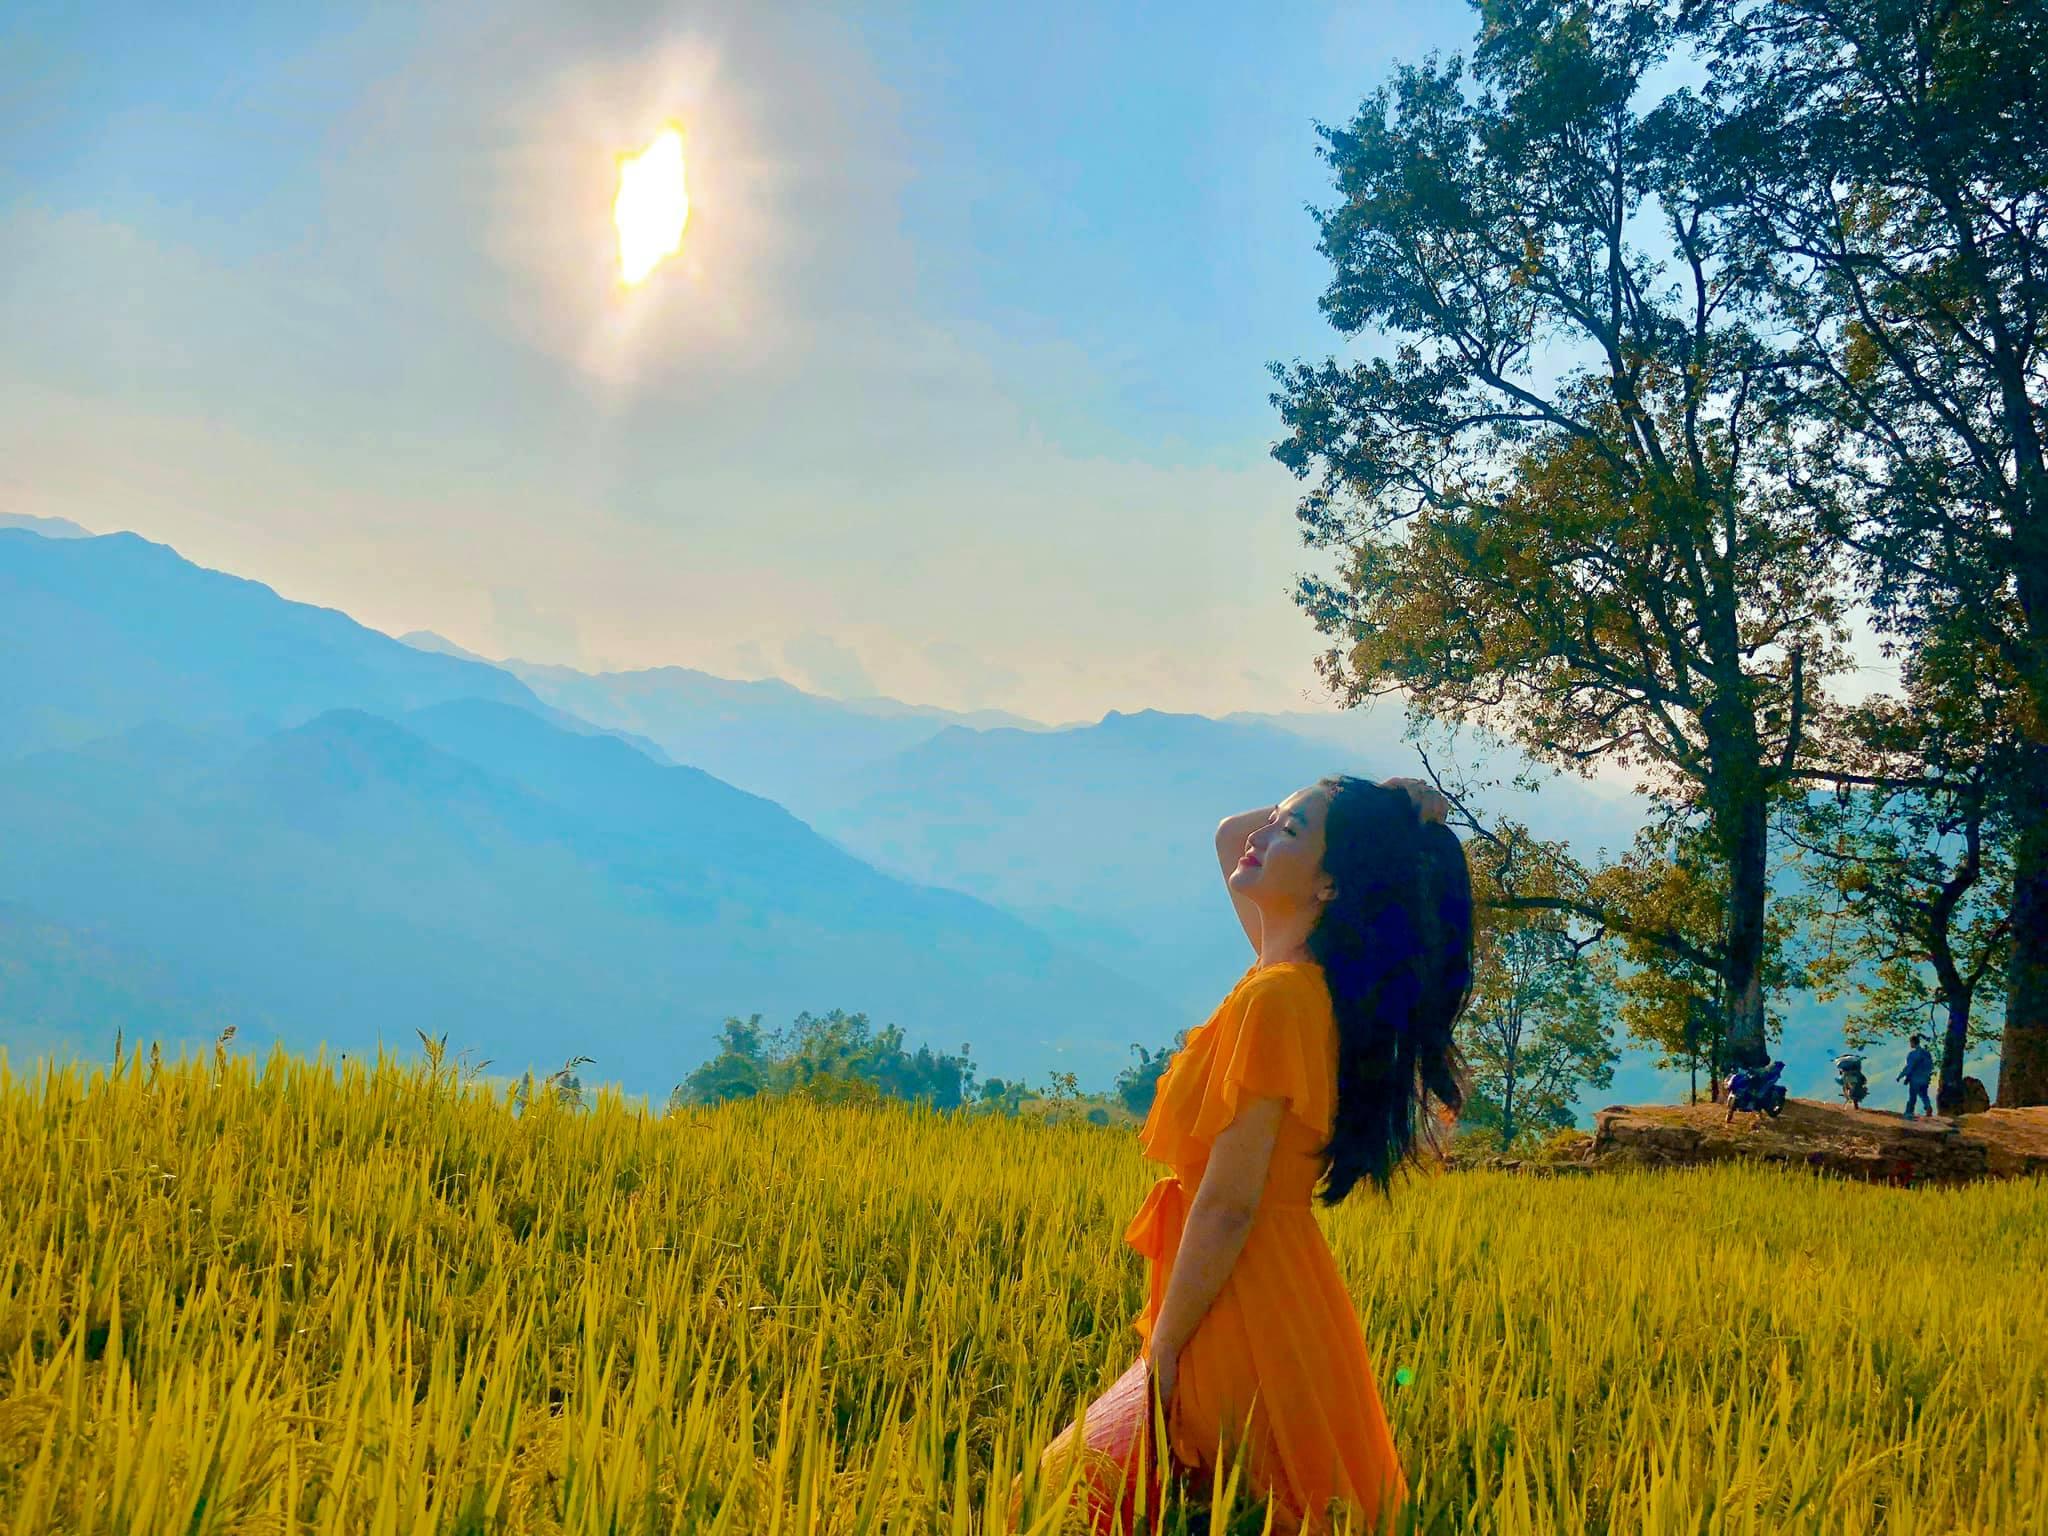 Kham-pha-nhung-ngoi-nha-trinh-tuong-doc-dao-cua-nguoi-ha-nhi-vietmountain-travel2